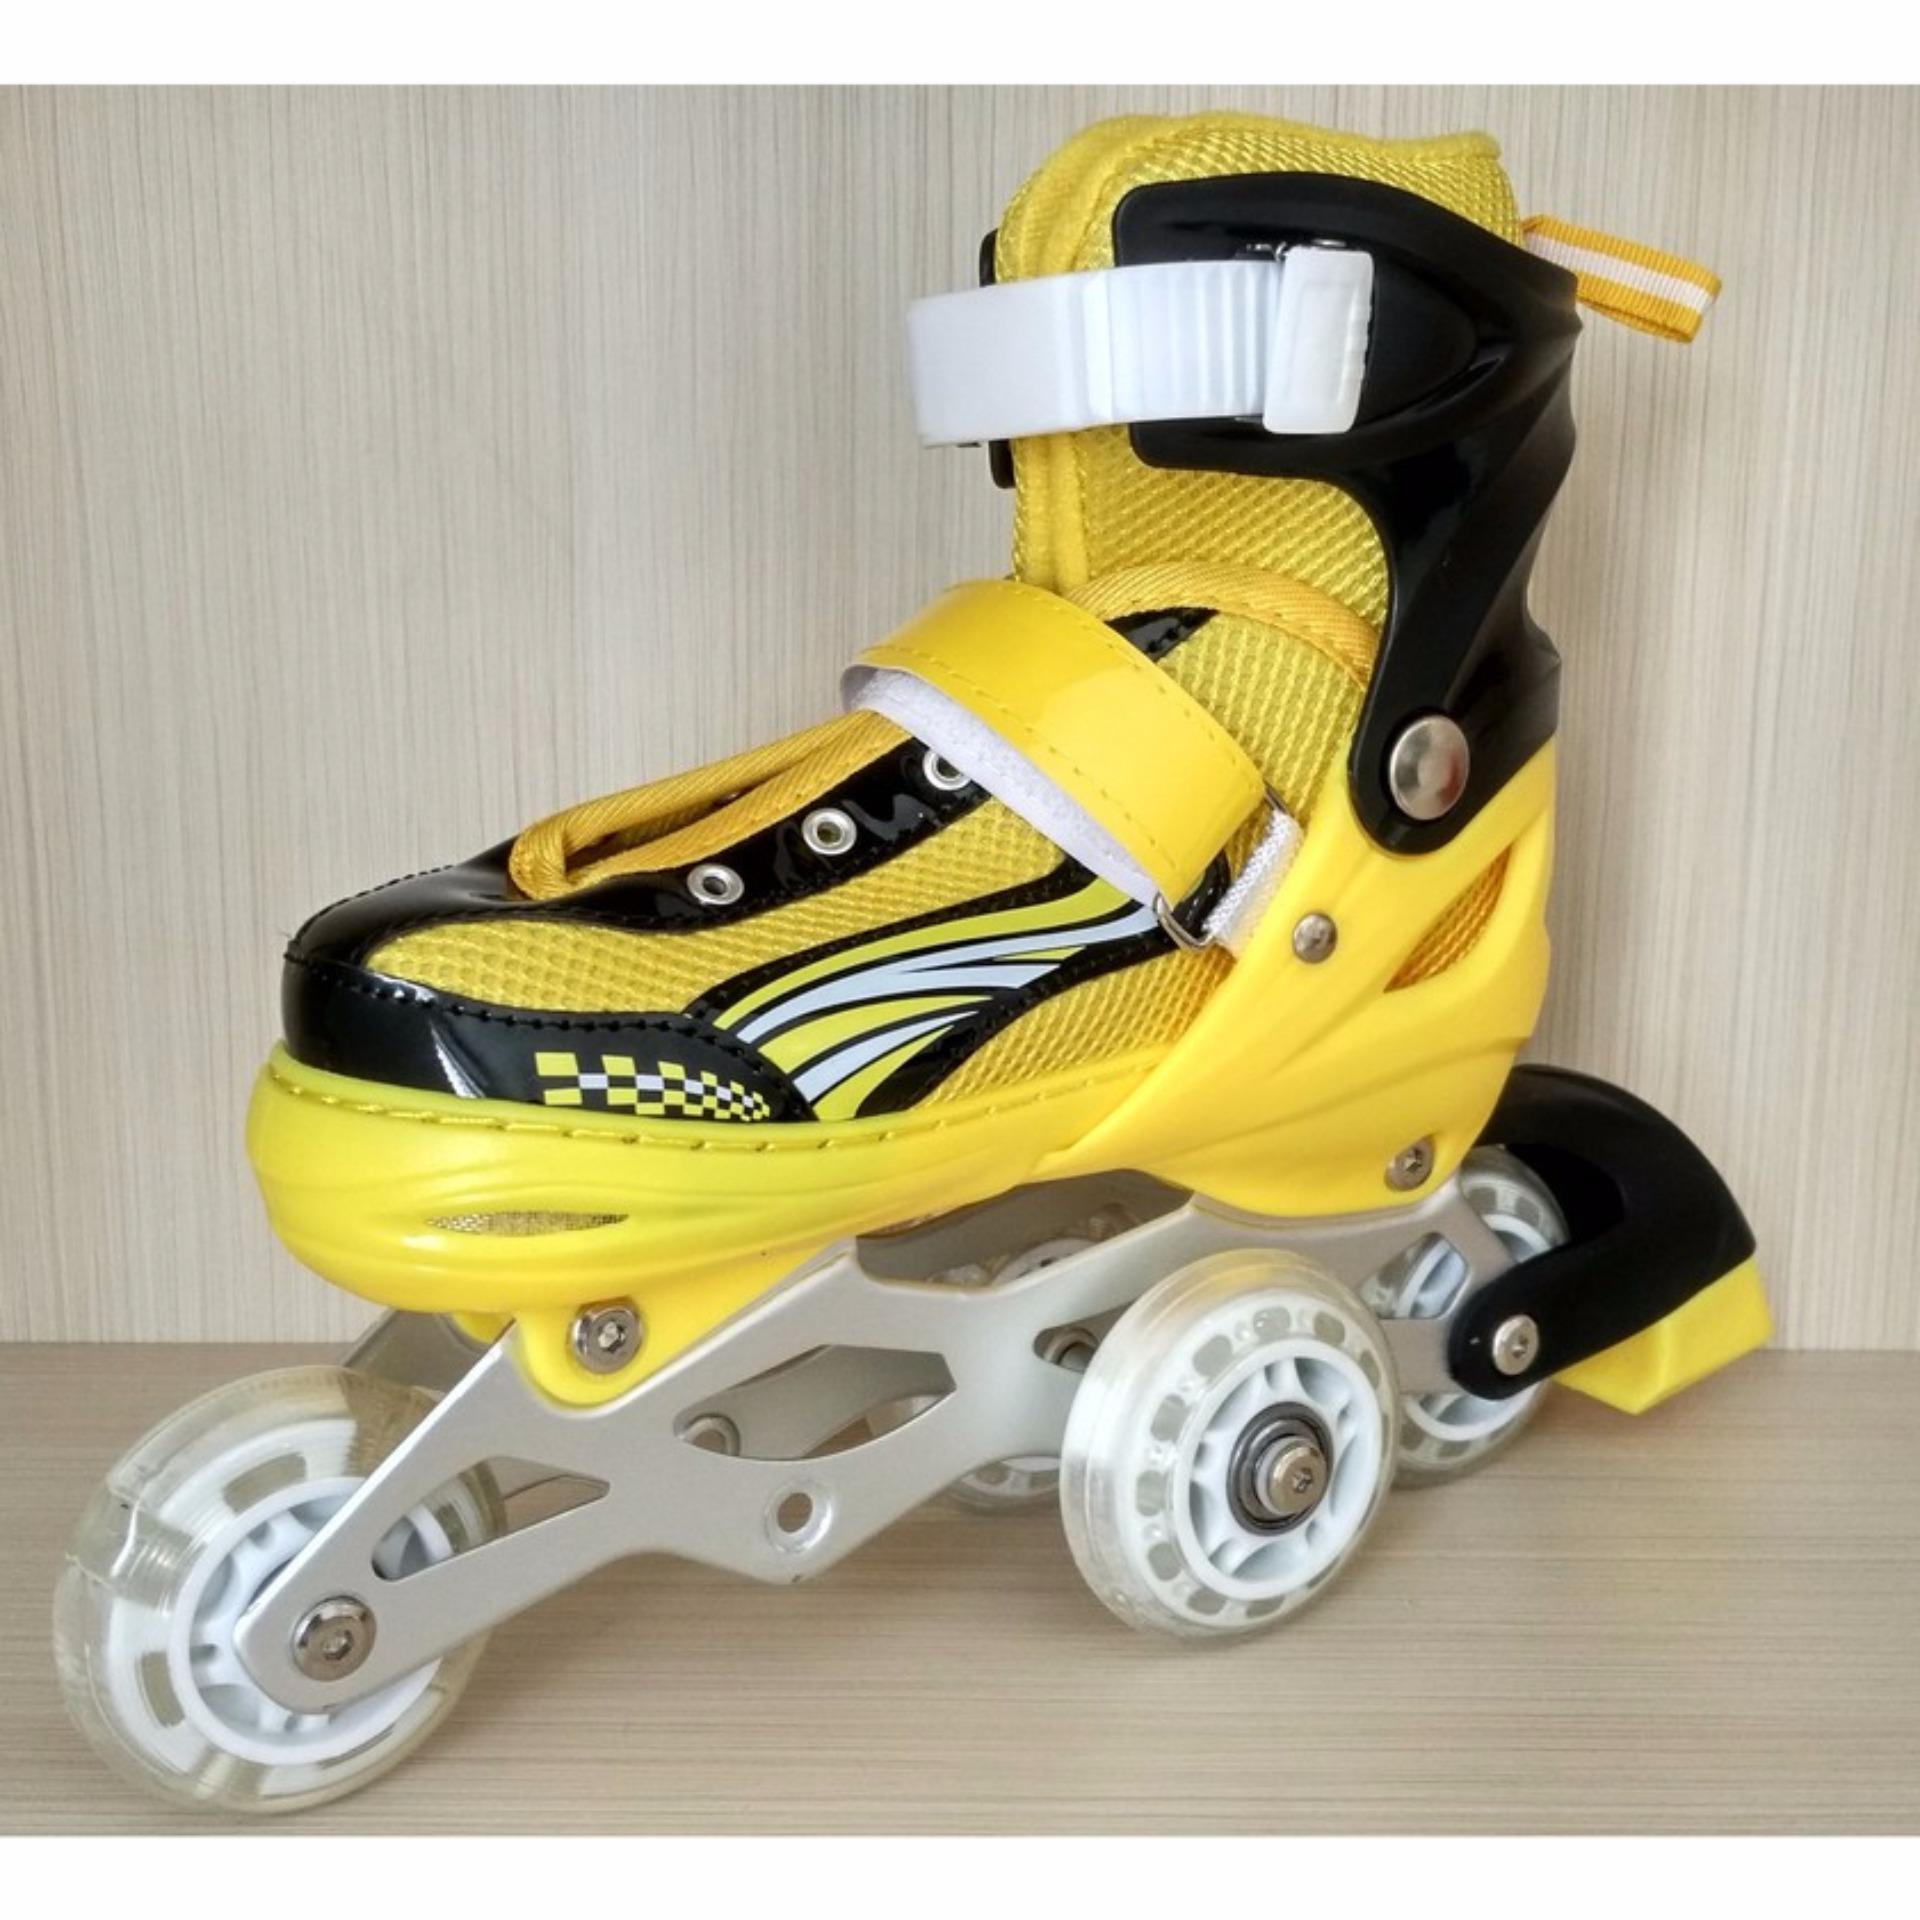 Lakoka Sepatu Roda Anak Dewasa Model Inline Bajaj Size S Biru ... fd02d6aa8a